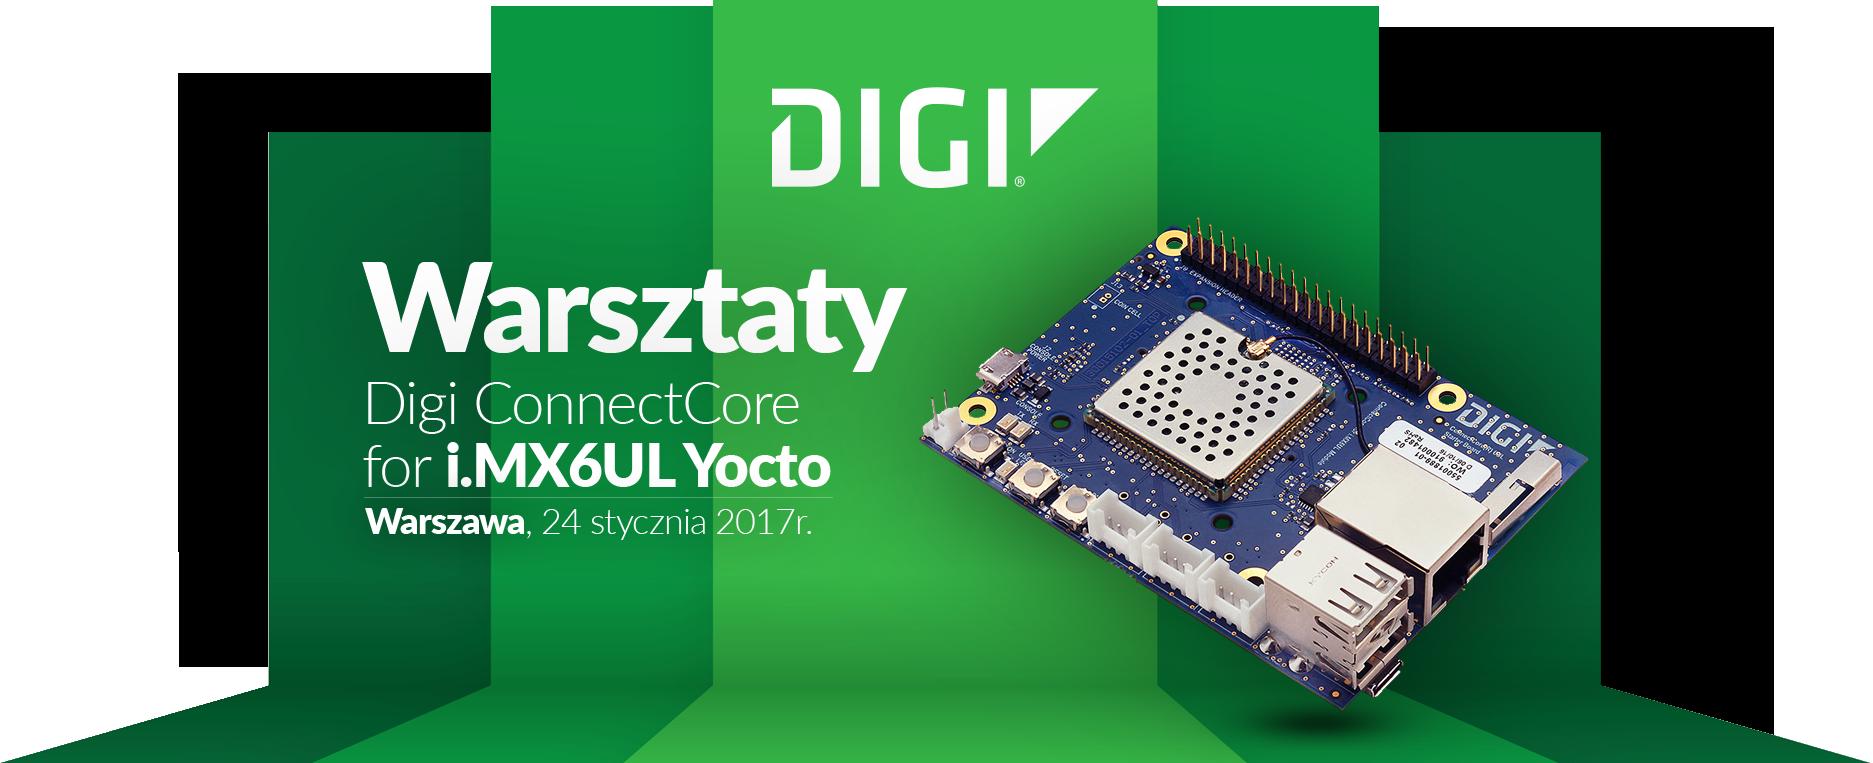 Warsztaty Digi ConnectCore® for i.MX6UL oraz Yocto